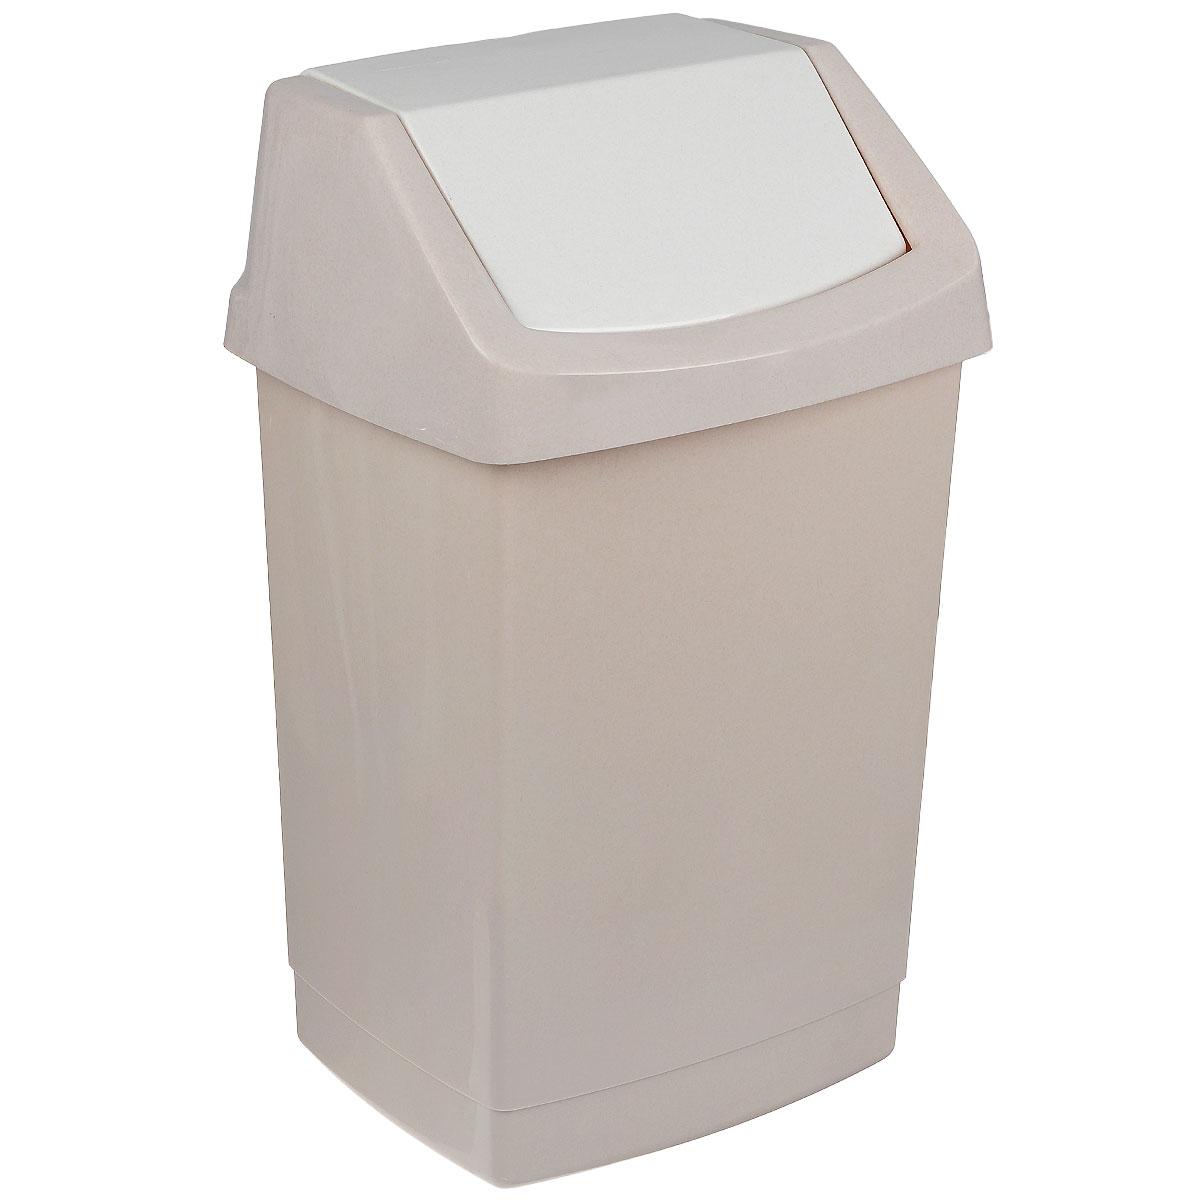 Контейнер для мусора Curver Клик-ит, цвет: бежевый люкс, 50 л4045_бежевый люкс / бежевыйКонтейнер для мусора Curver Клик-ит изготовлен из прочного пластика. Контейнер снабжен удобной съемной крышкой с подвижной перегородкой. В нем удобно хранить мелкий мусор. Благодаря лаконичному дизайну такой контейнер идеально впишется в интерьер и дома, и офиса.